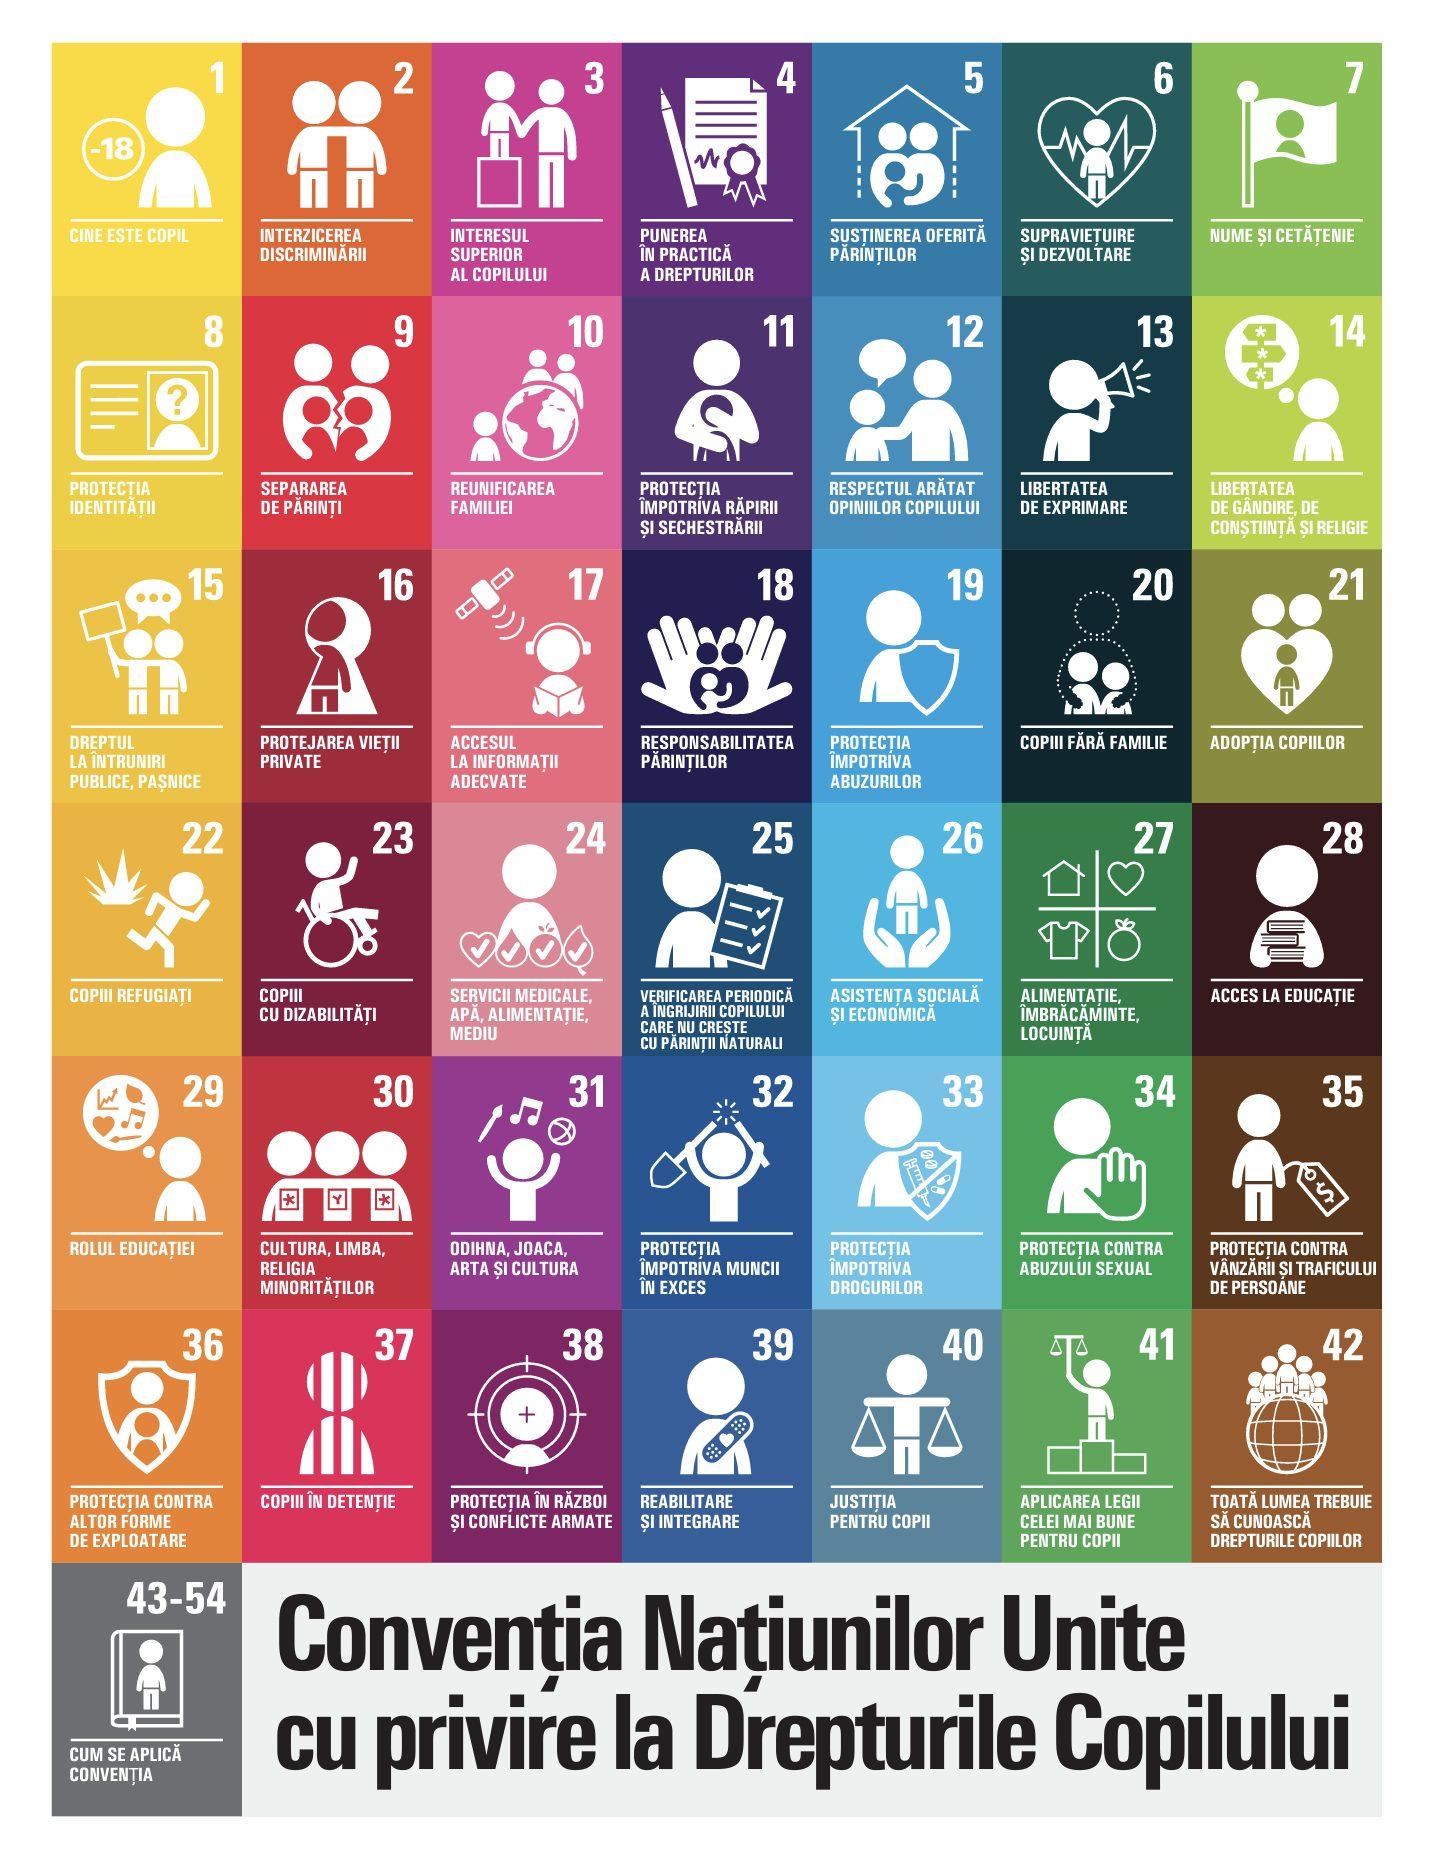 Declaratia Drepturilor Copilului